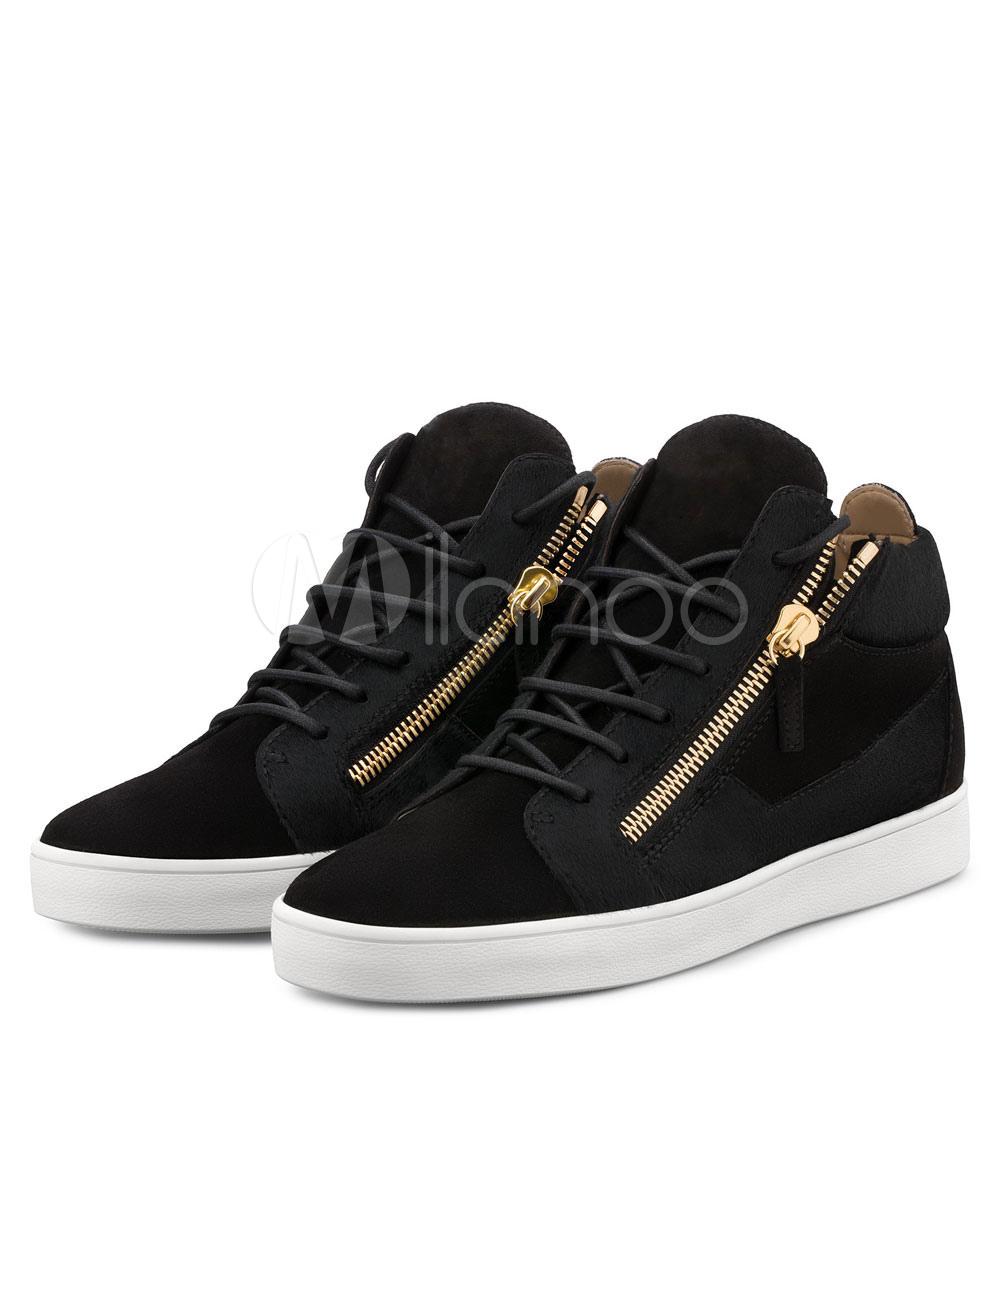 Men's Skate Shoes Black Zipper Round Toe Sneakers thumbnail